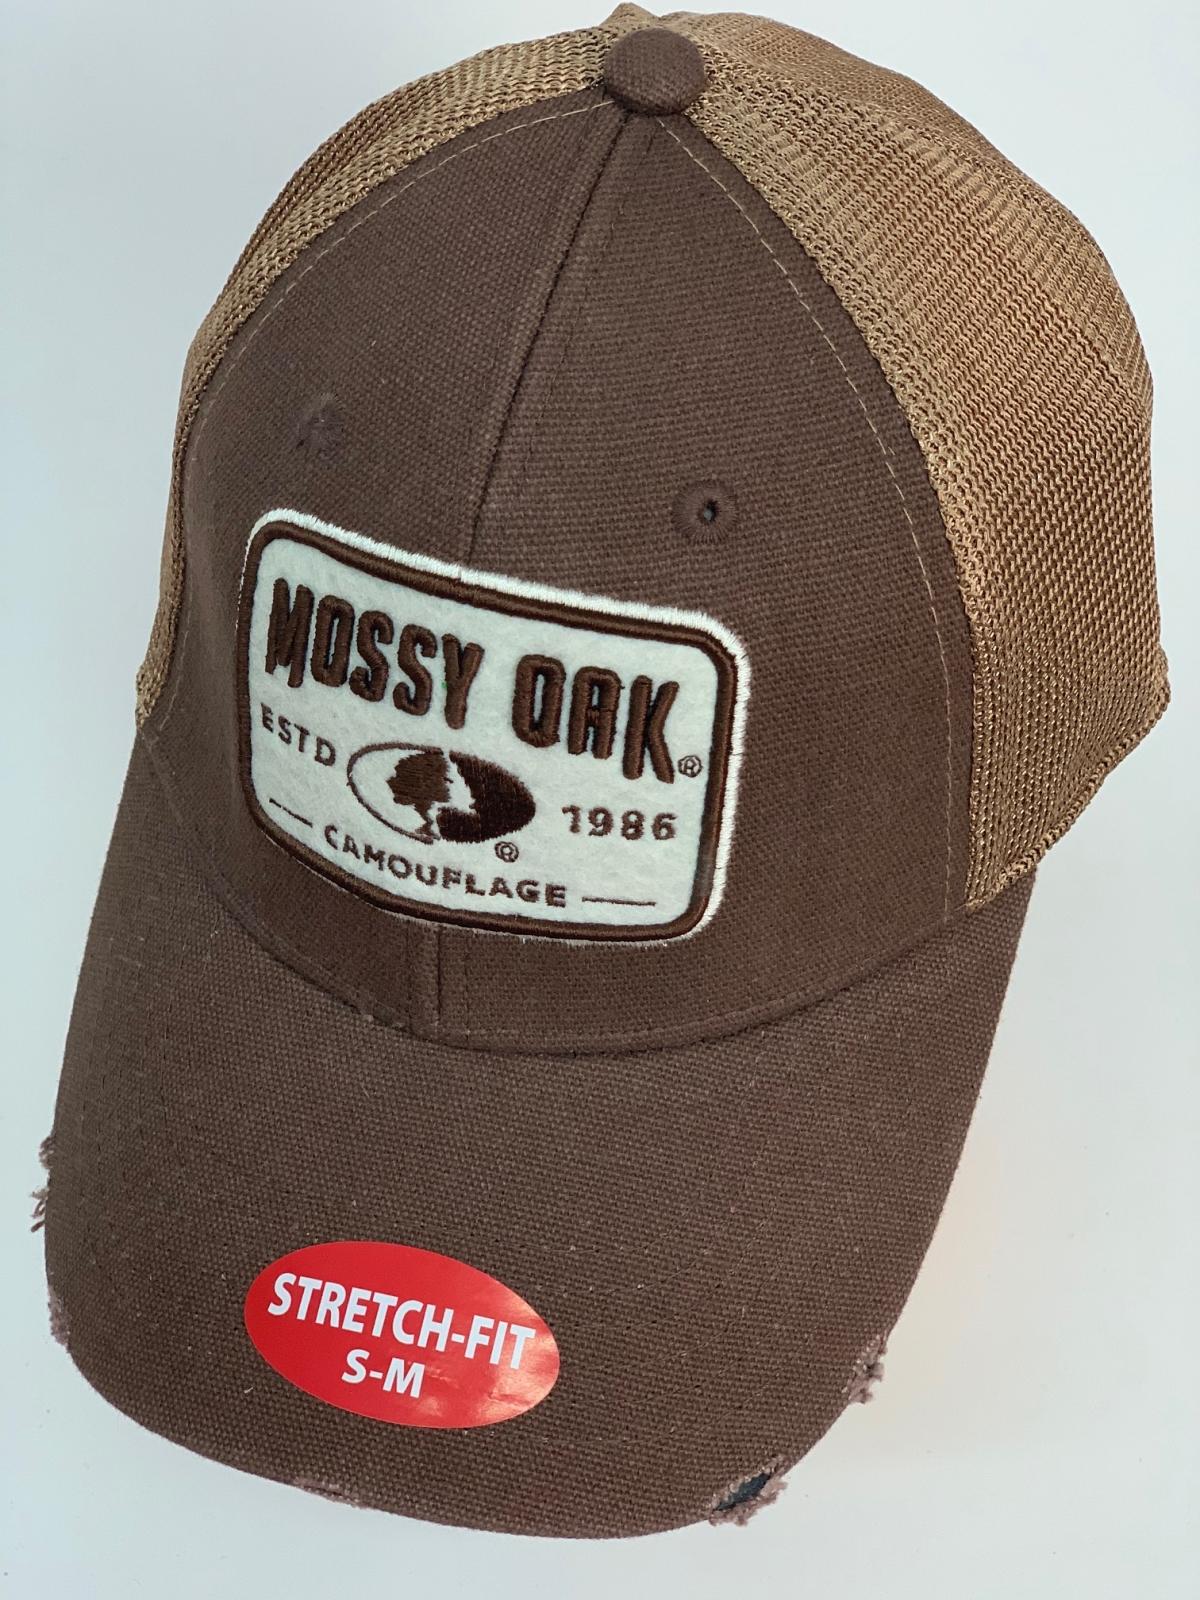 Бейсболка Mossy Oak коричневого цвета с бежевой сеткой